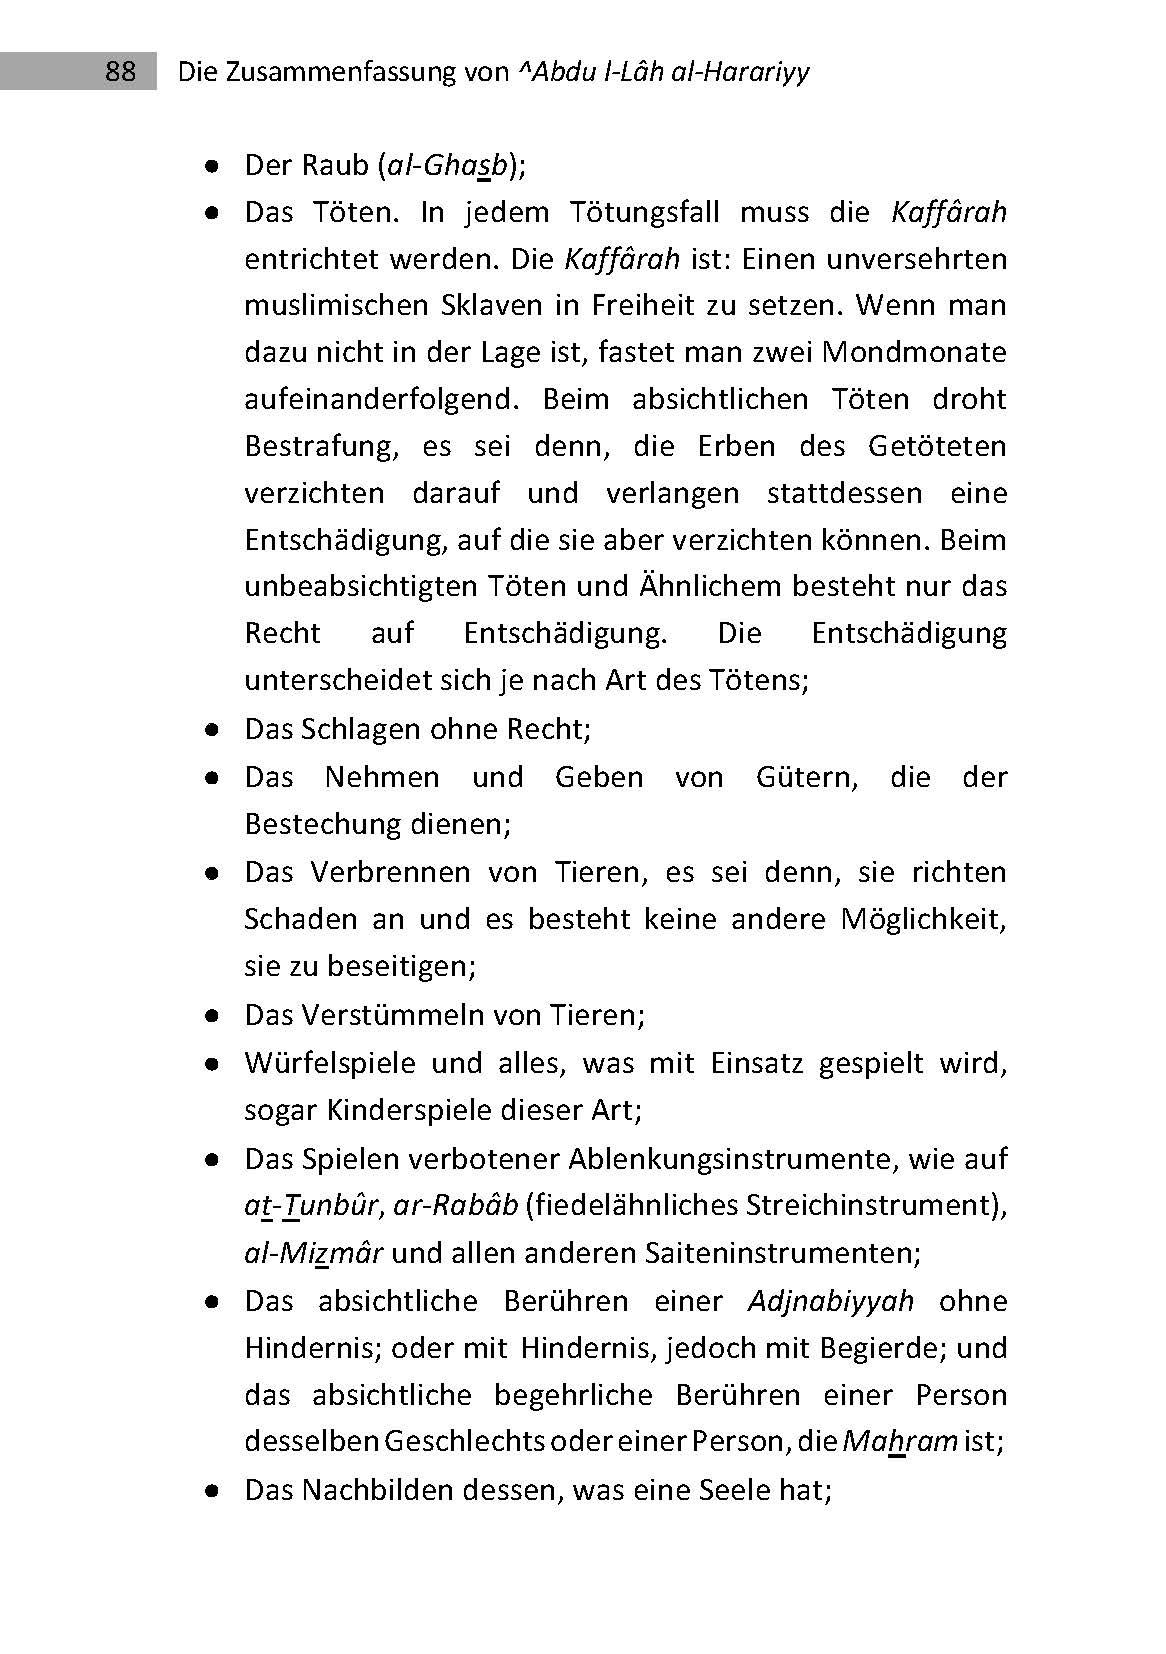 Die Zusammenfassung - 3. Auflage 2014_Seite_88